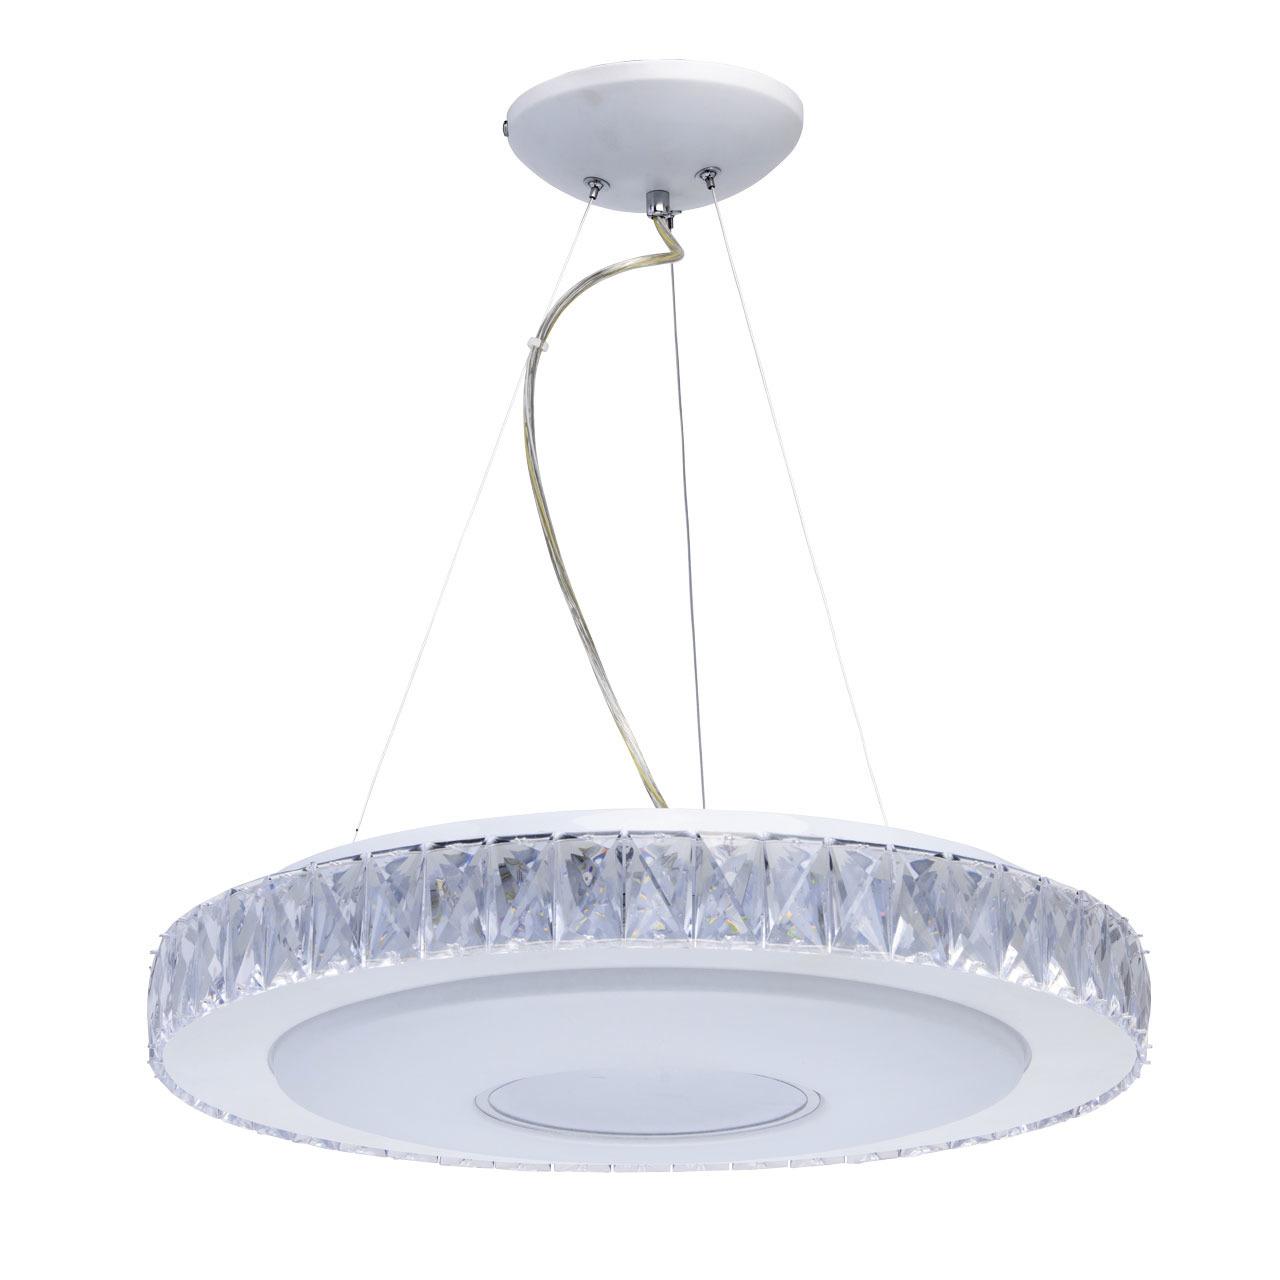 Люстра светодиодная с пультом ДУ Фризанте 1*30W LED 220 V